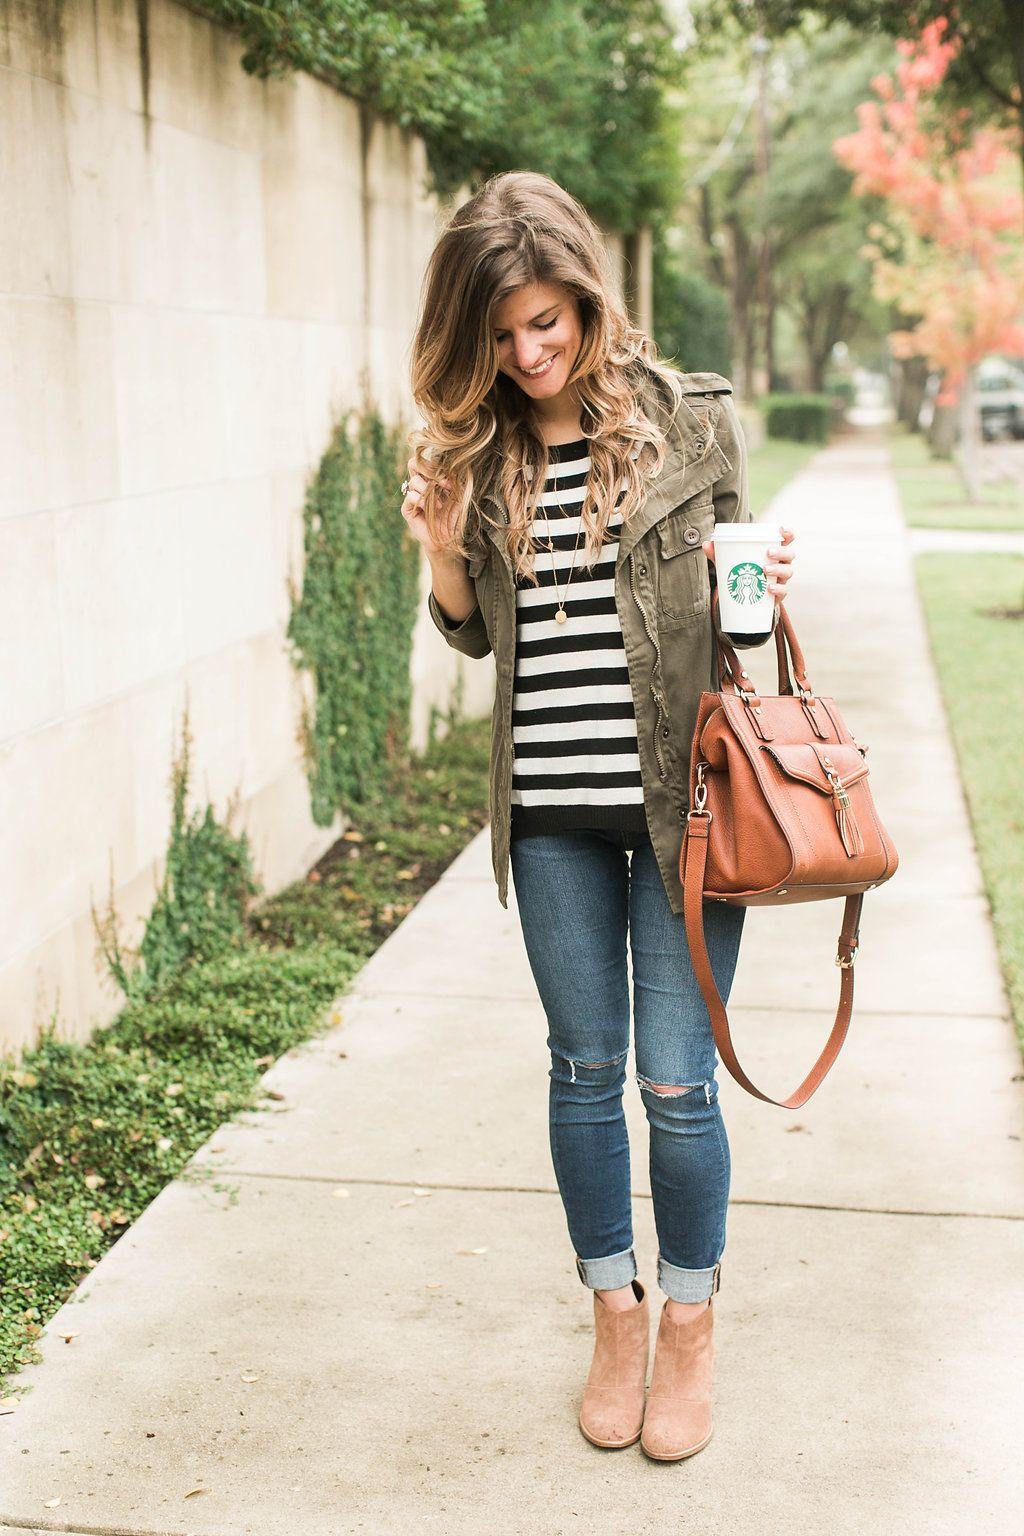 ddaaae6f1d06fa Simple   Cute Fall Outfit Idea - Stripes + Cognac + Green Military ...